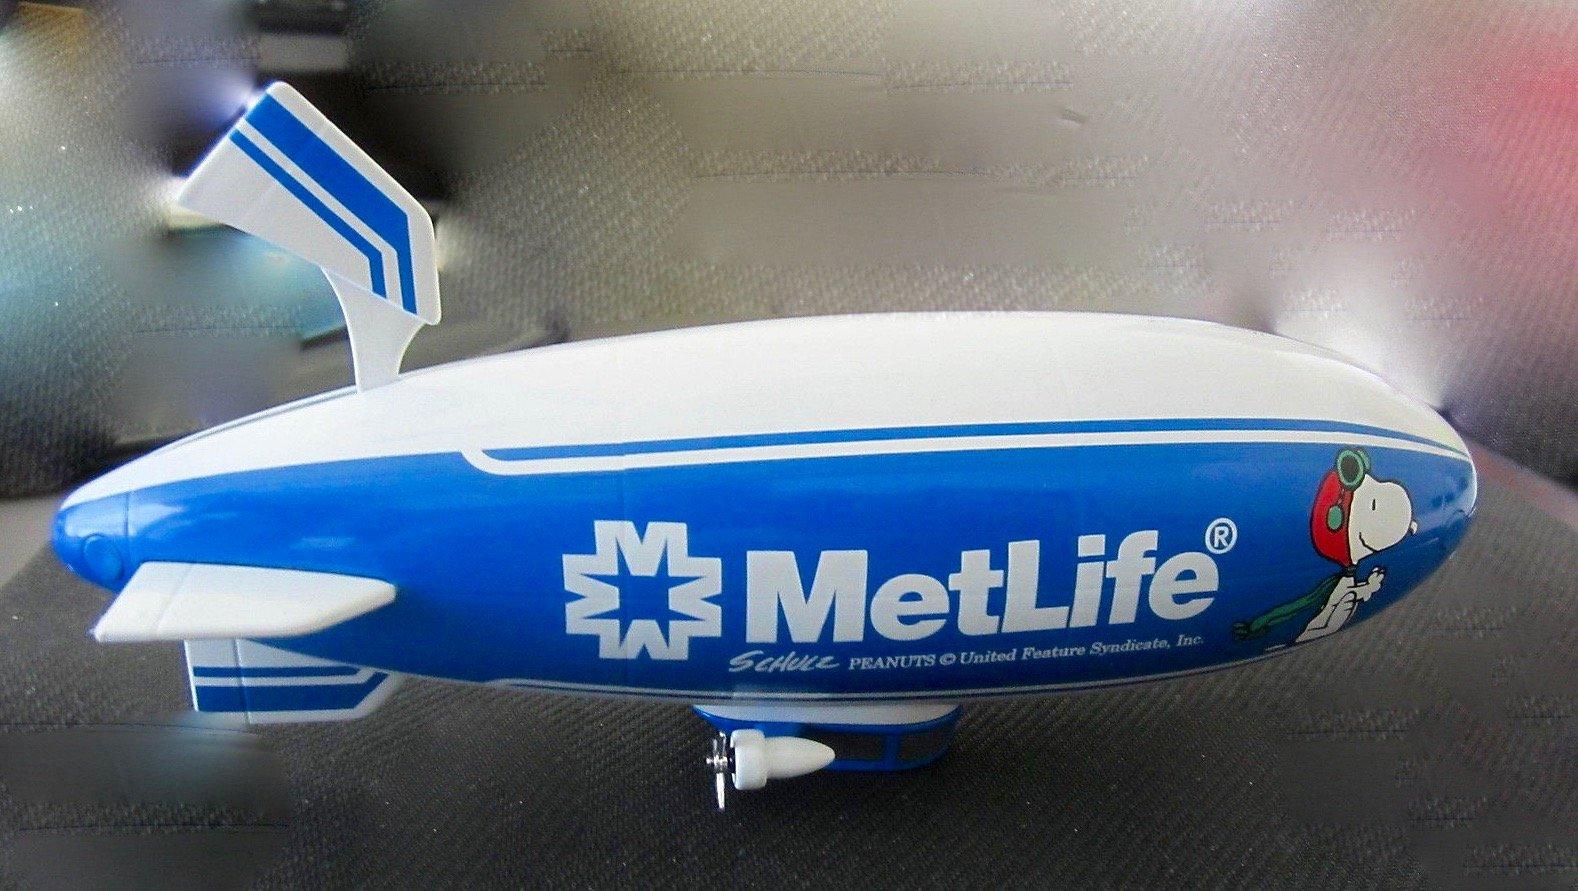 Metlife B01MZXYSMM/